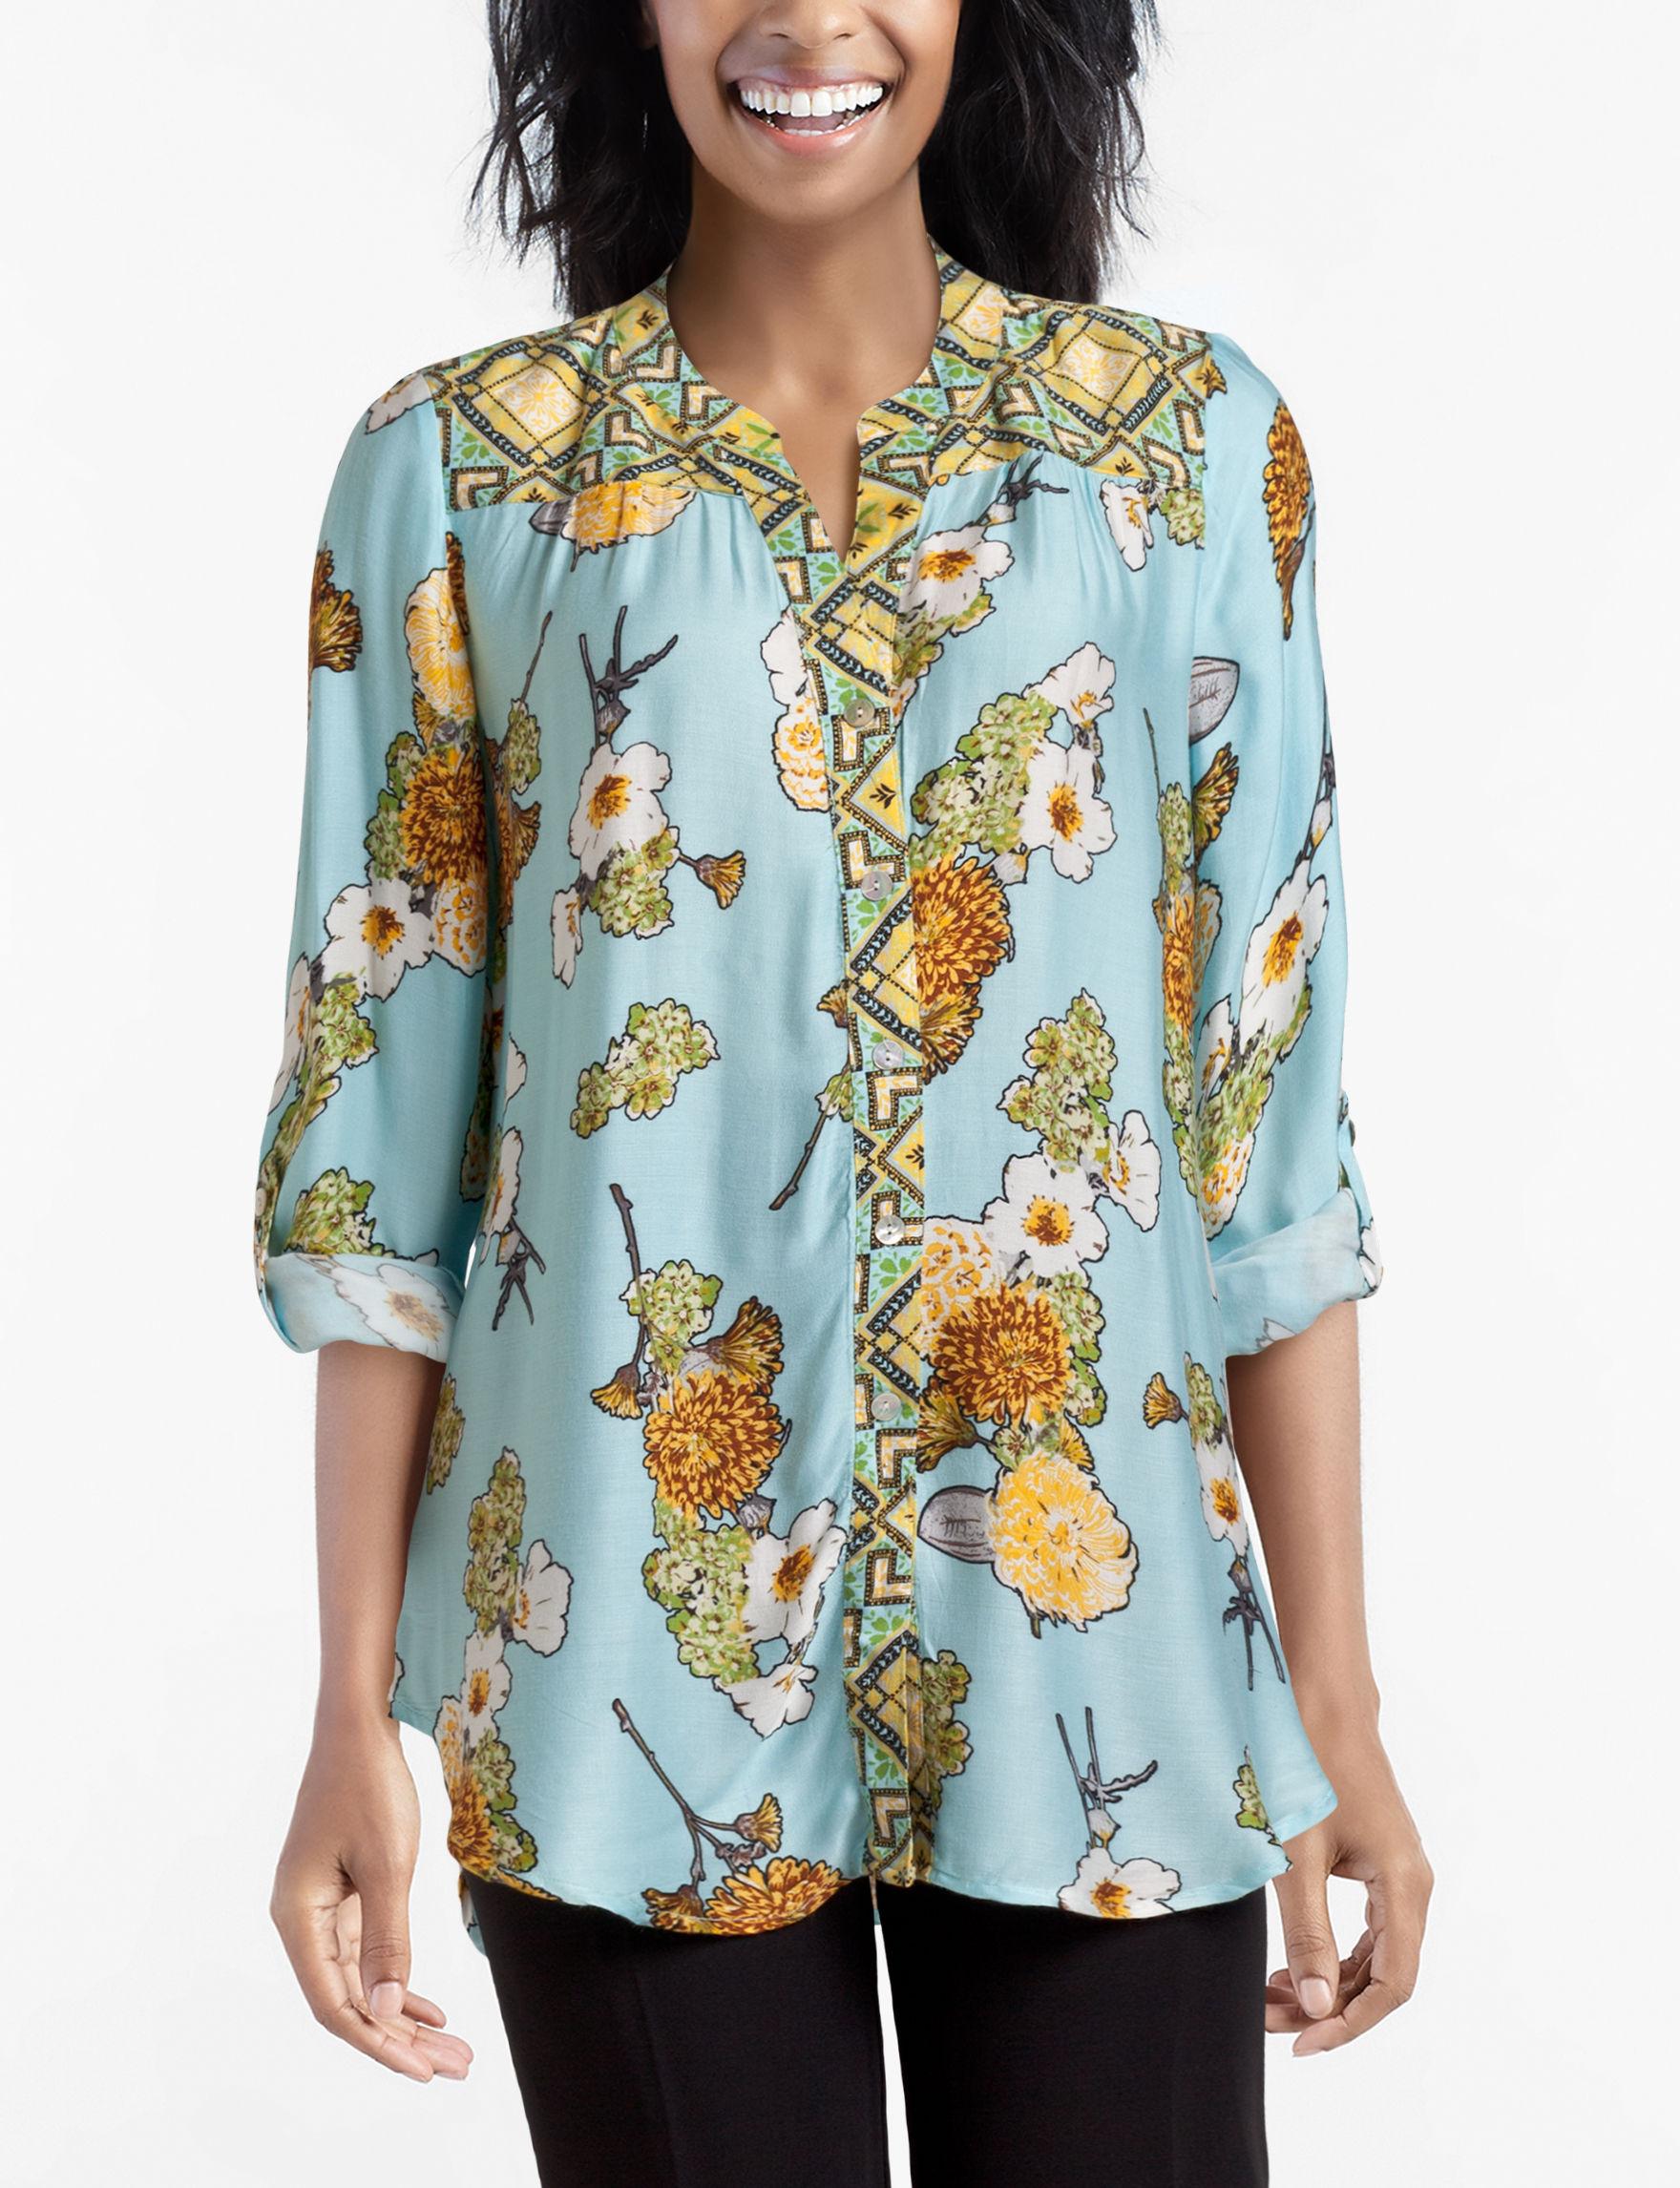 Figuero & Flower Blue Multi Shirts & Blouses